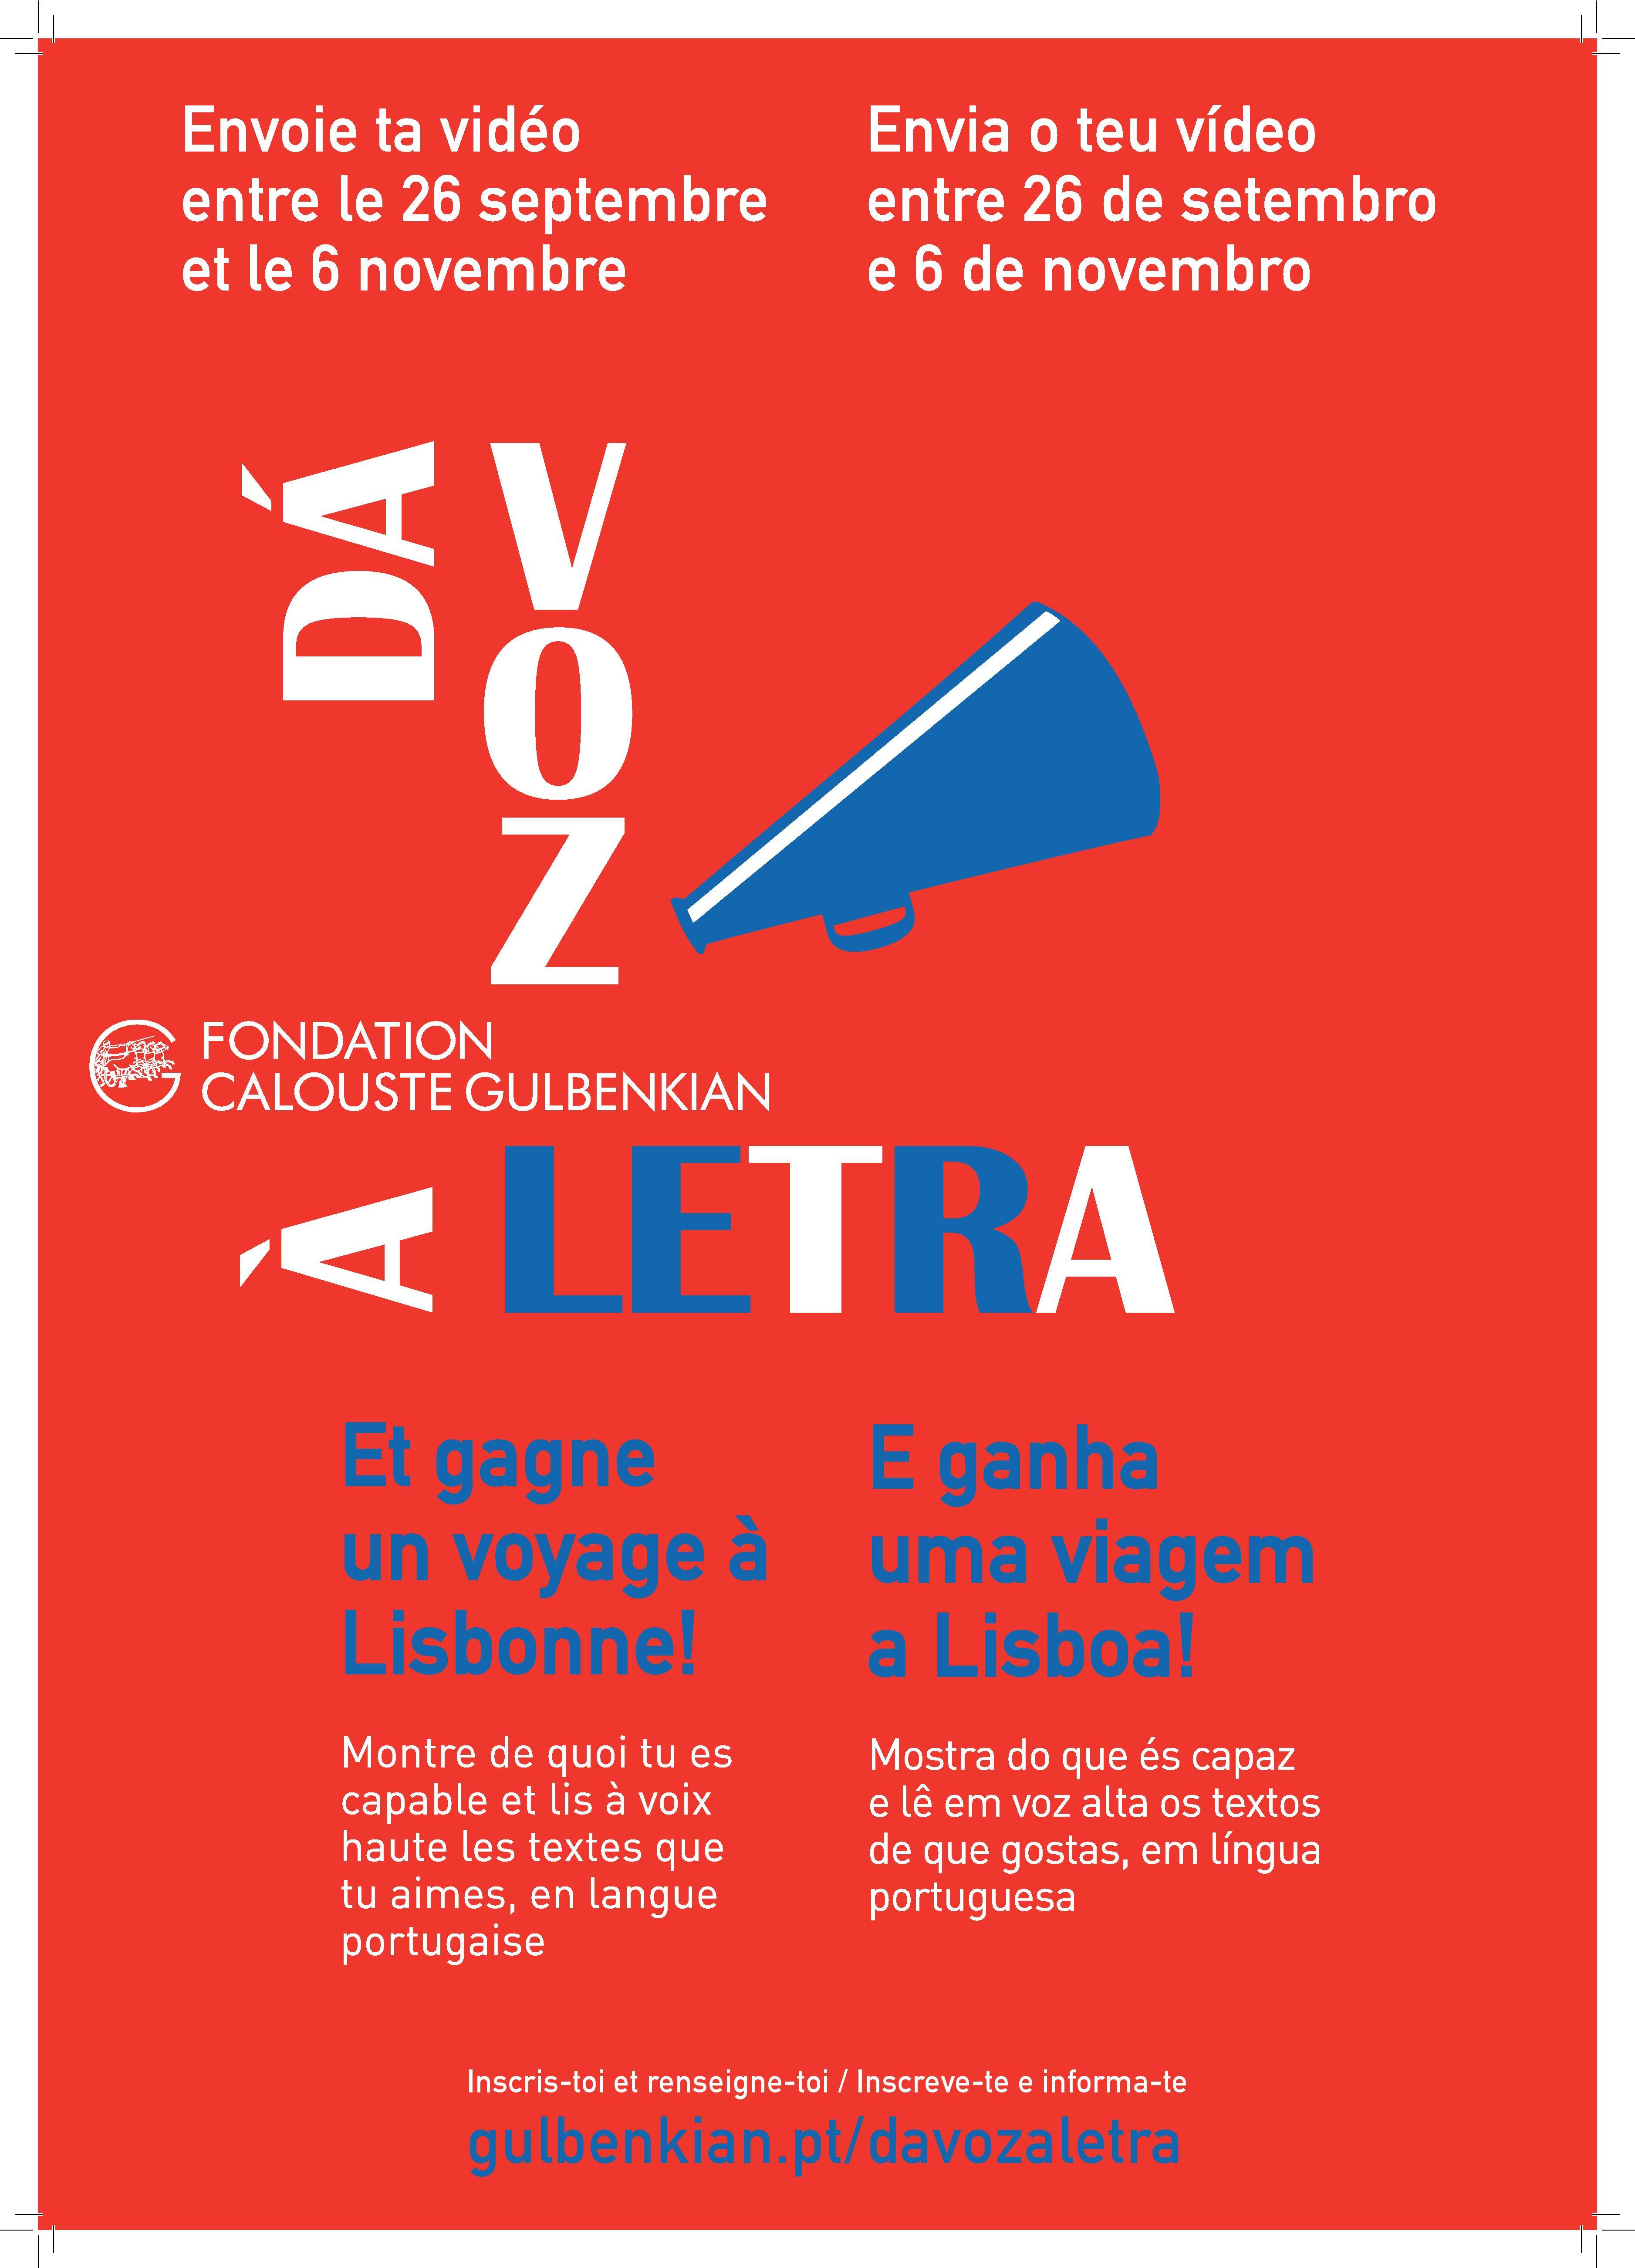 cartaz-a3-28a-29-page-001-1